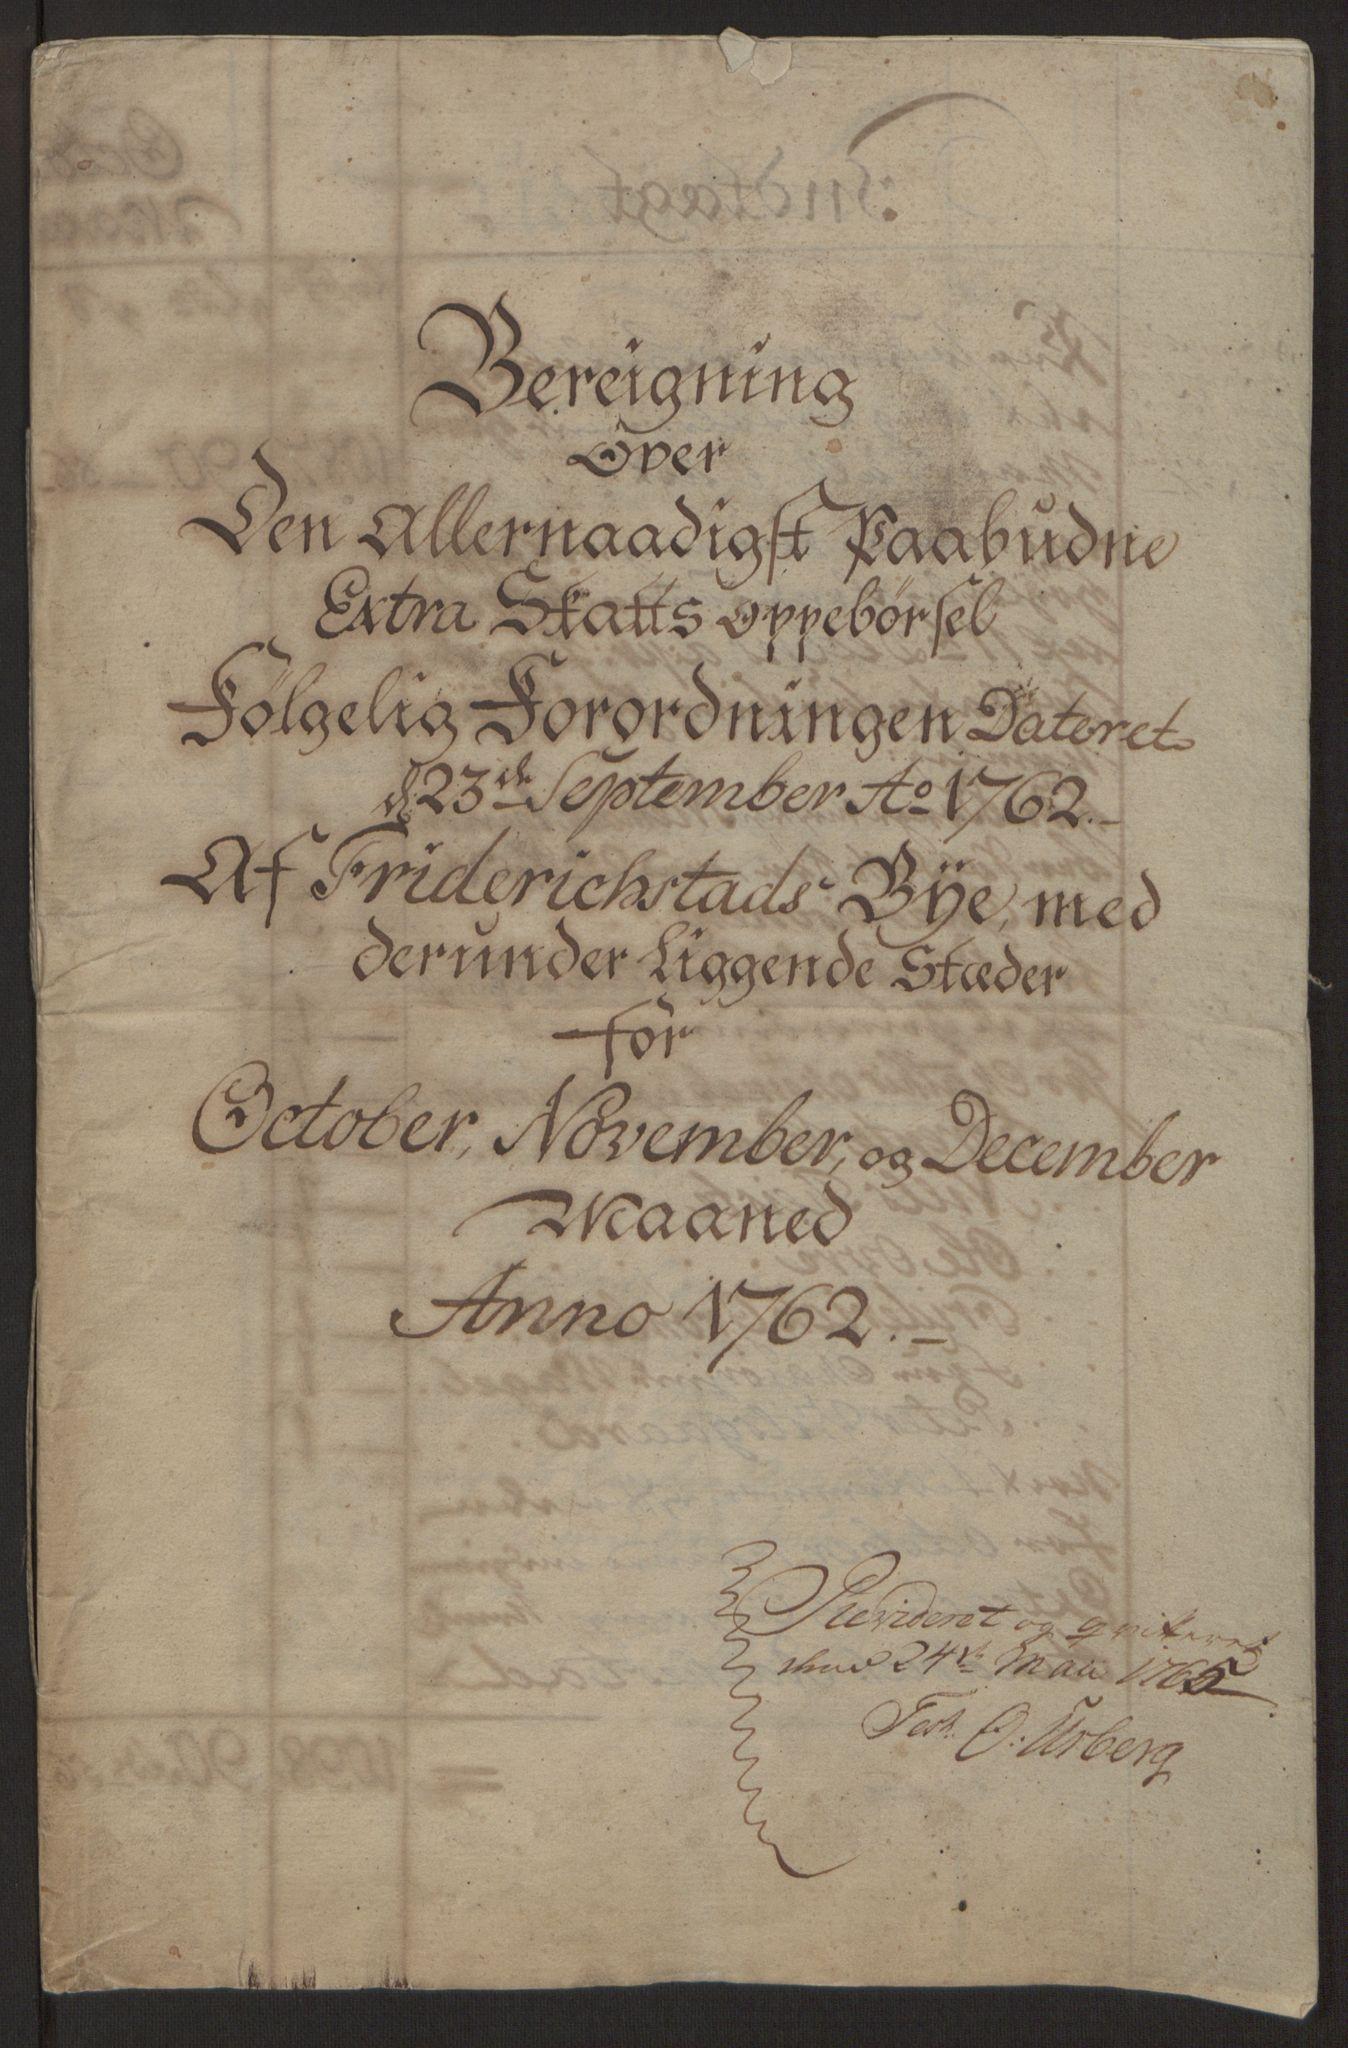 RA, Rentekammeret inntil 1814, Reviderte regnskaper, Byregnskaper, R/Rb/L0029: [B3] Kontribusjonsregnskap, 1762-1772, s. 4